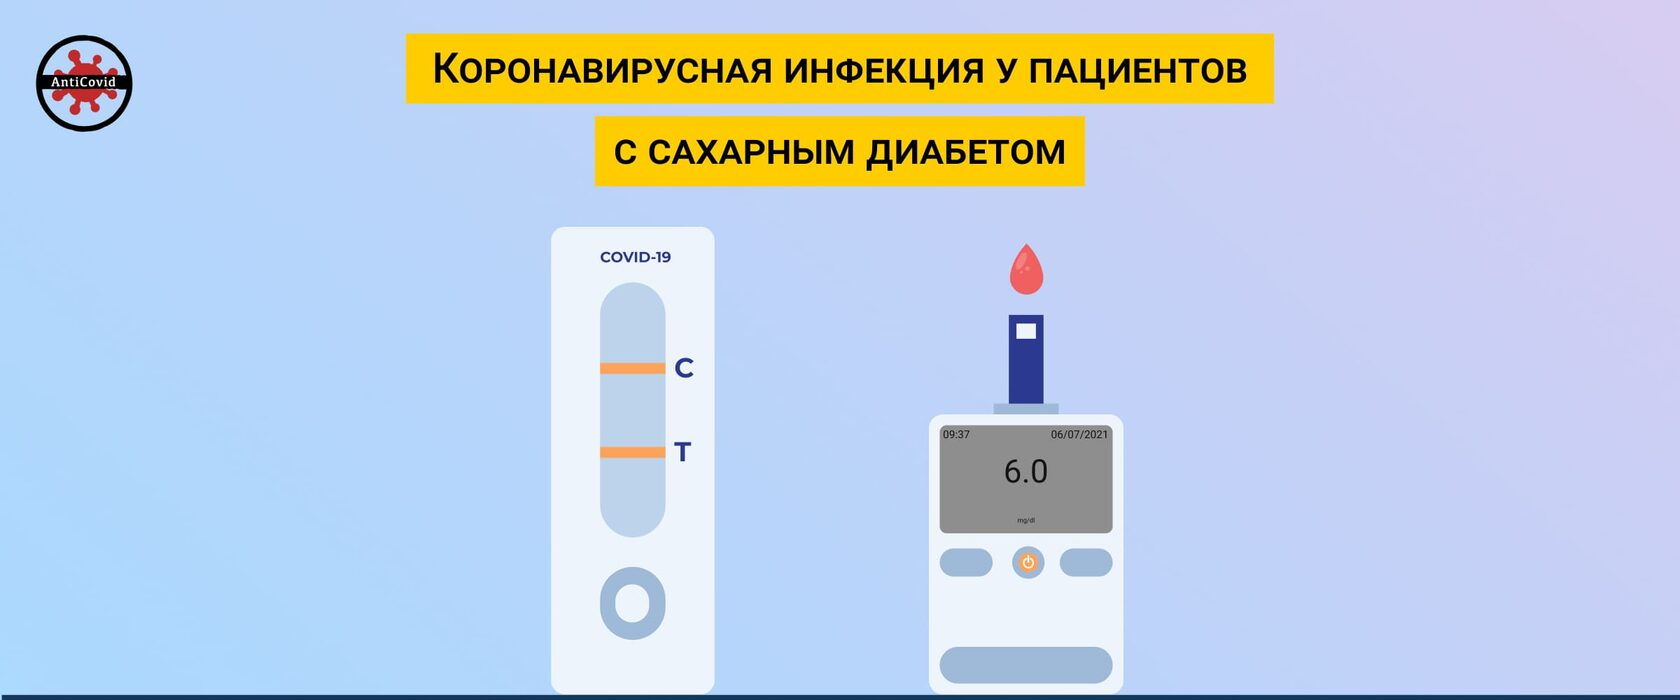 Коронавирусная инфекция у пациентов с сахарным диабетом